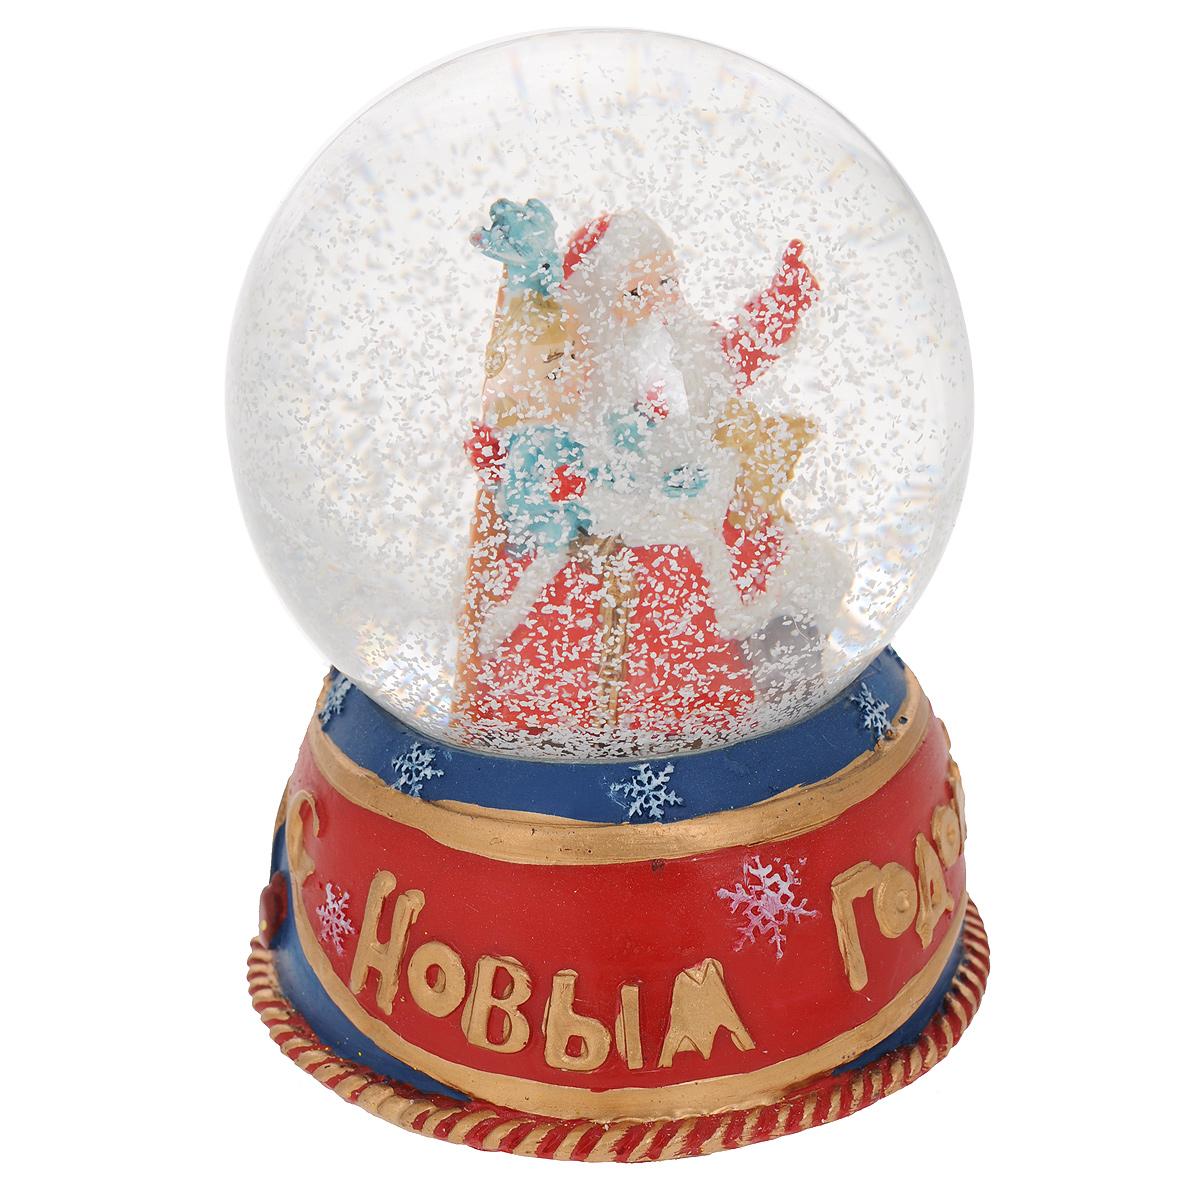 Новогодний водяной шар Дед Мороз и мальчик. 3523635236Новогодний водяной шар Дед Мороз и мальчик прекрасно подойдет для праздничного декора вашего дома. Изделие представляет собой прозрачную сферу с безопасной и нетоксичной жидкостью внутри. Шар помещен на подставку, выполненную из полирезины и декорированную надписью С Новым Годом. Шар оформлен фигурками Деда Мороза и маленького мальчика. Если потрясти фигурку, то маленькие снежинки и блестки придут в движение, создавая имитацию снегопада. Такая фигурка поможет вам украсить дом в преддверии Нового года, а также станет приятным подарком, который надолго сохранит память этого волшебного времени года.